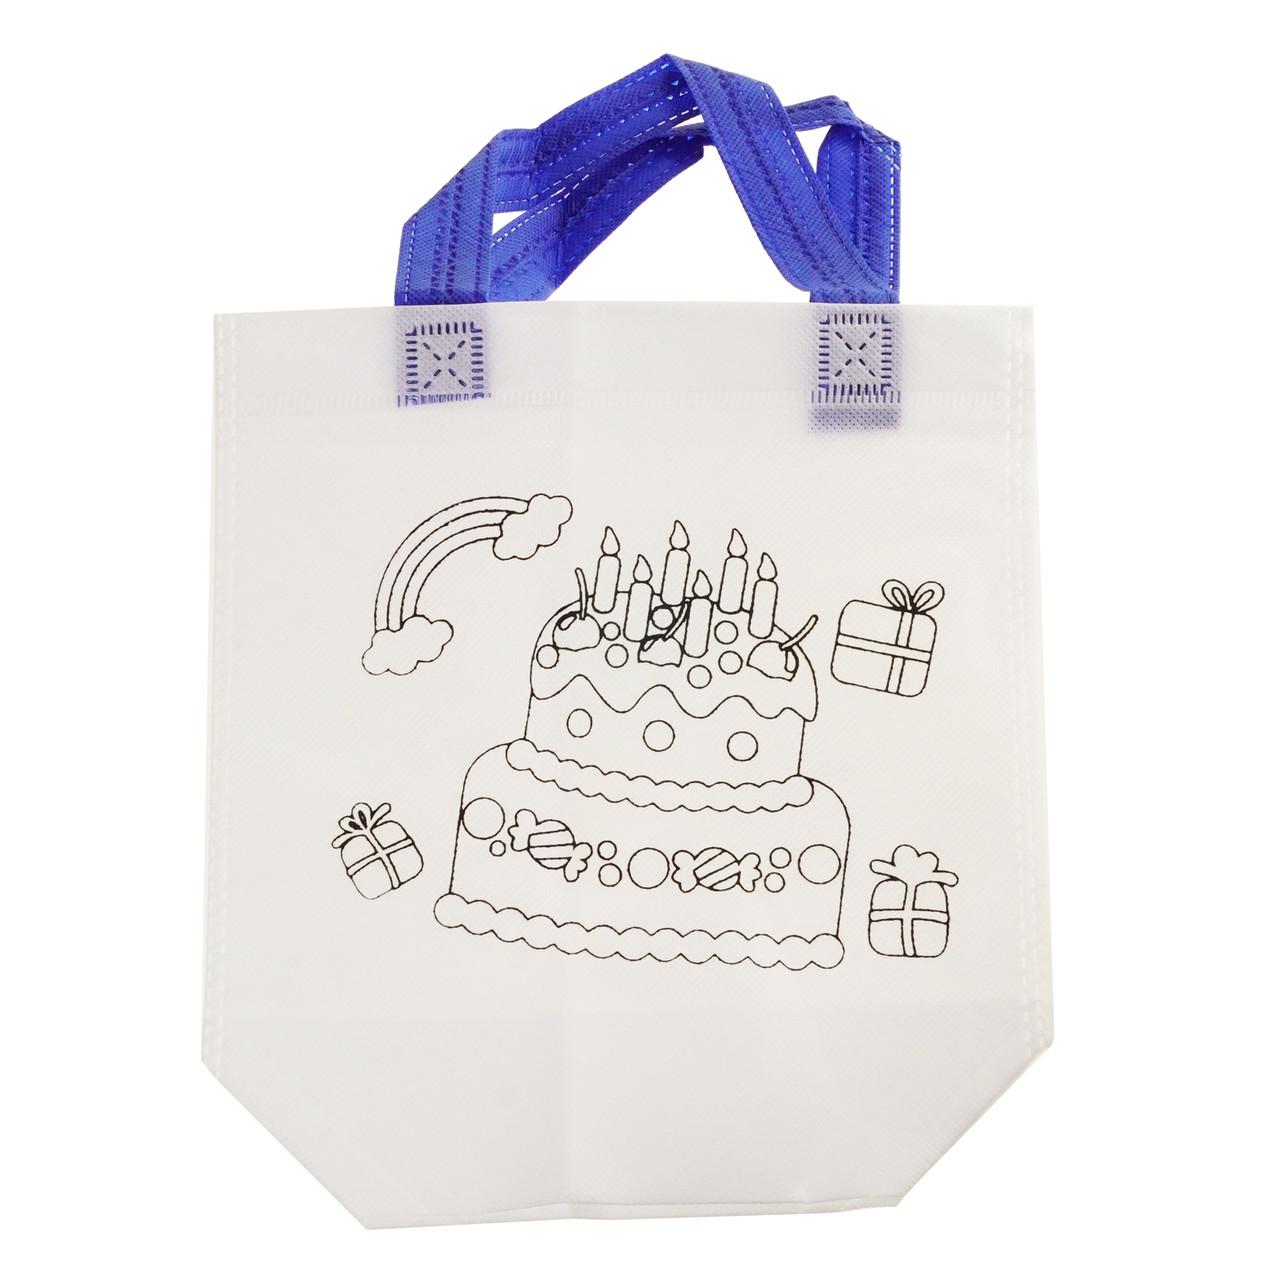 Детская сумка раскраска Торт - эко сумка набор для раскрашивания с фломастерами